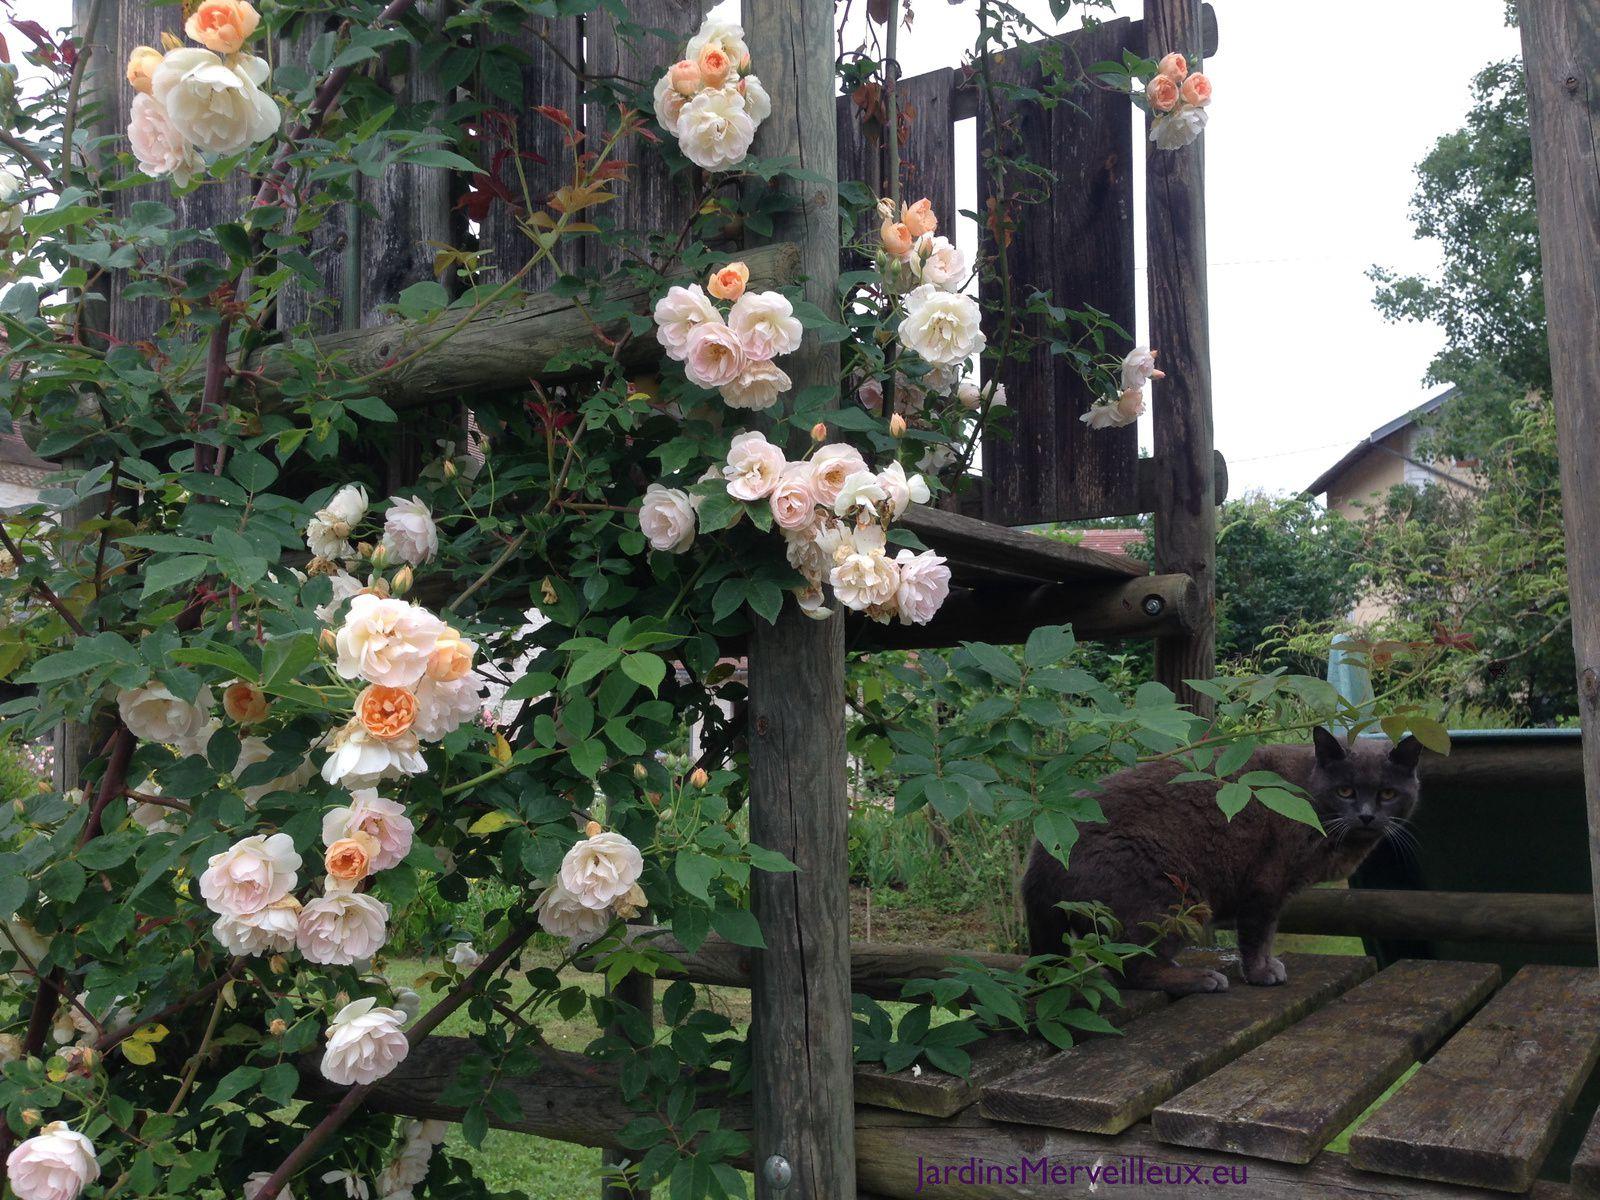 'Treasure Trove' à l'assaut du portique au Jardin de Frescati